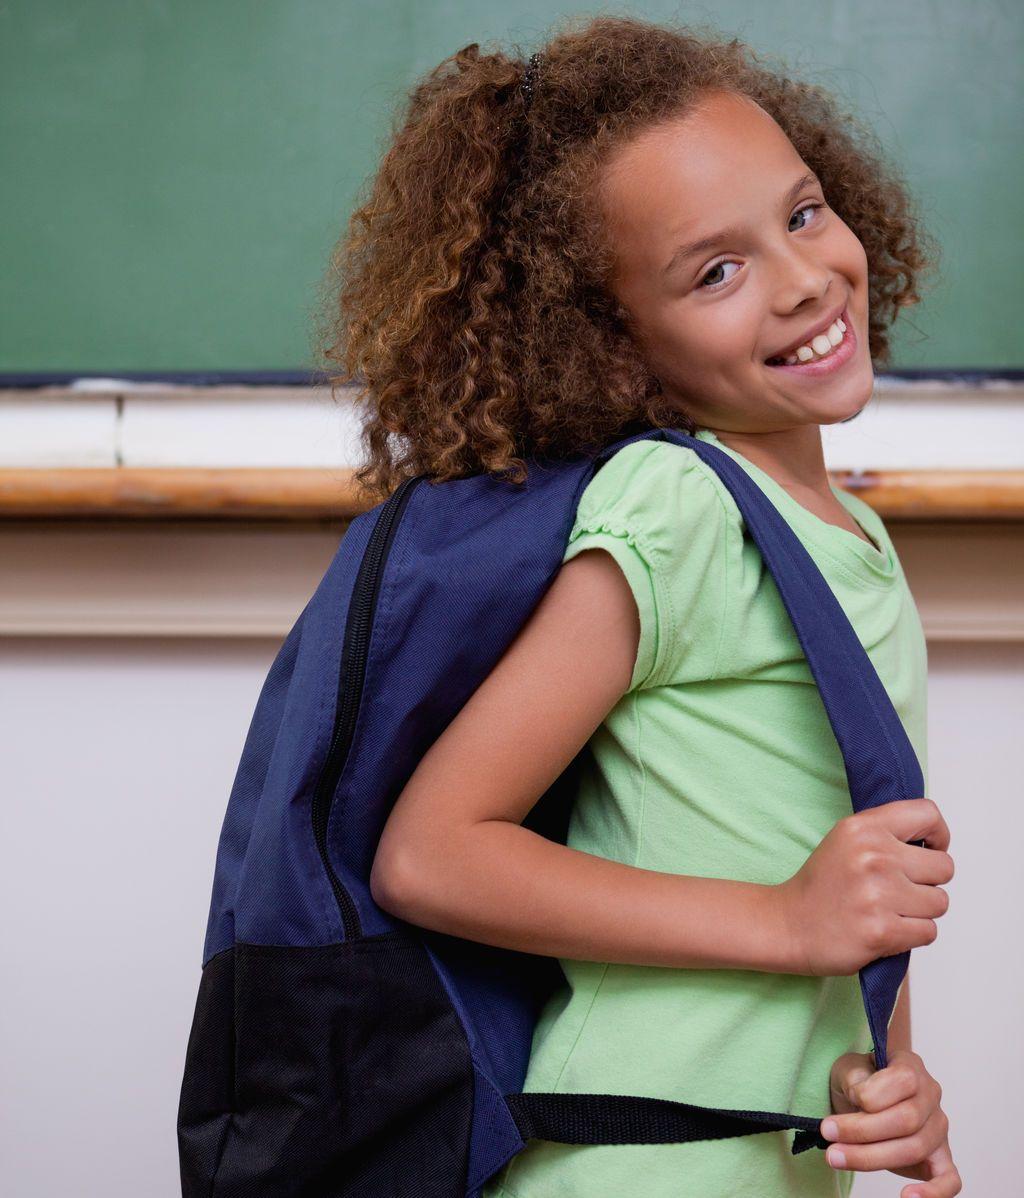 Consejos para elegir una mochila adecuada y prevenir lesiones